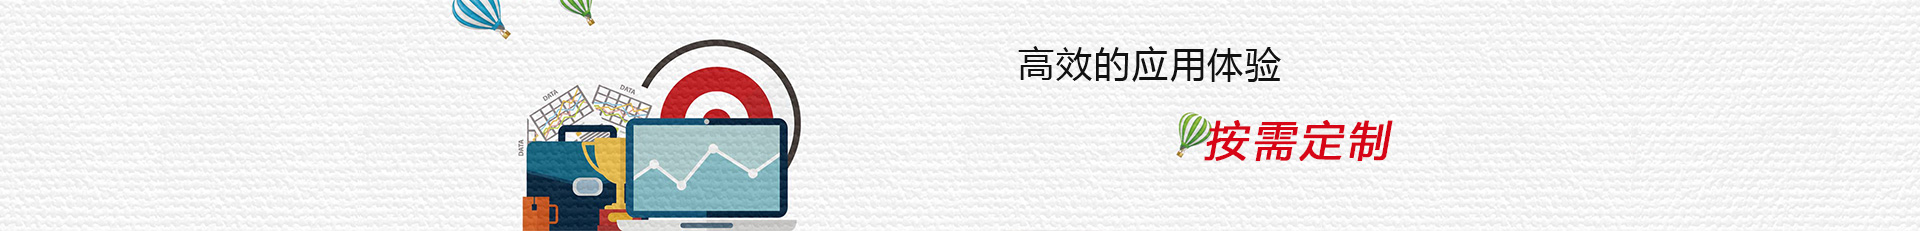 济南用友云财务软件